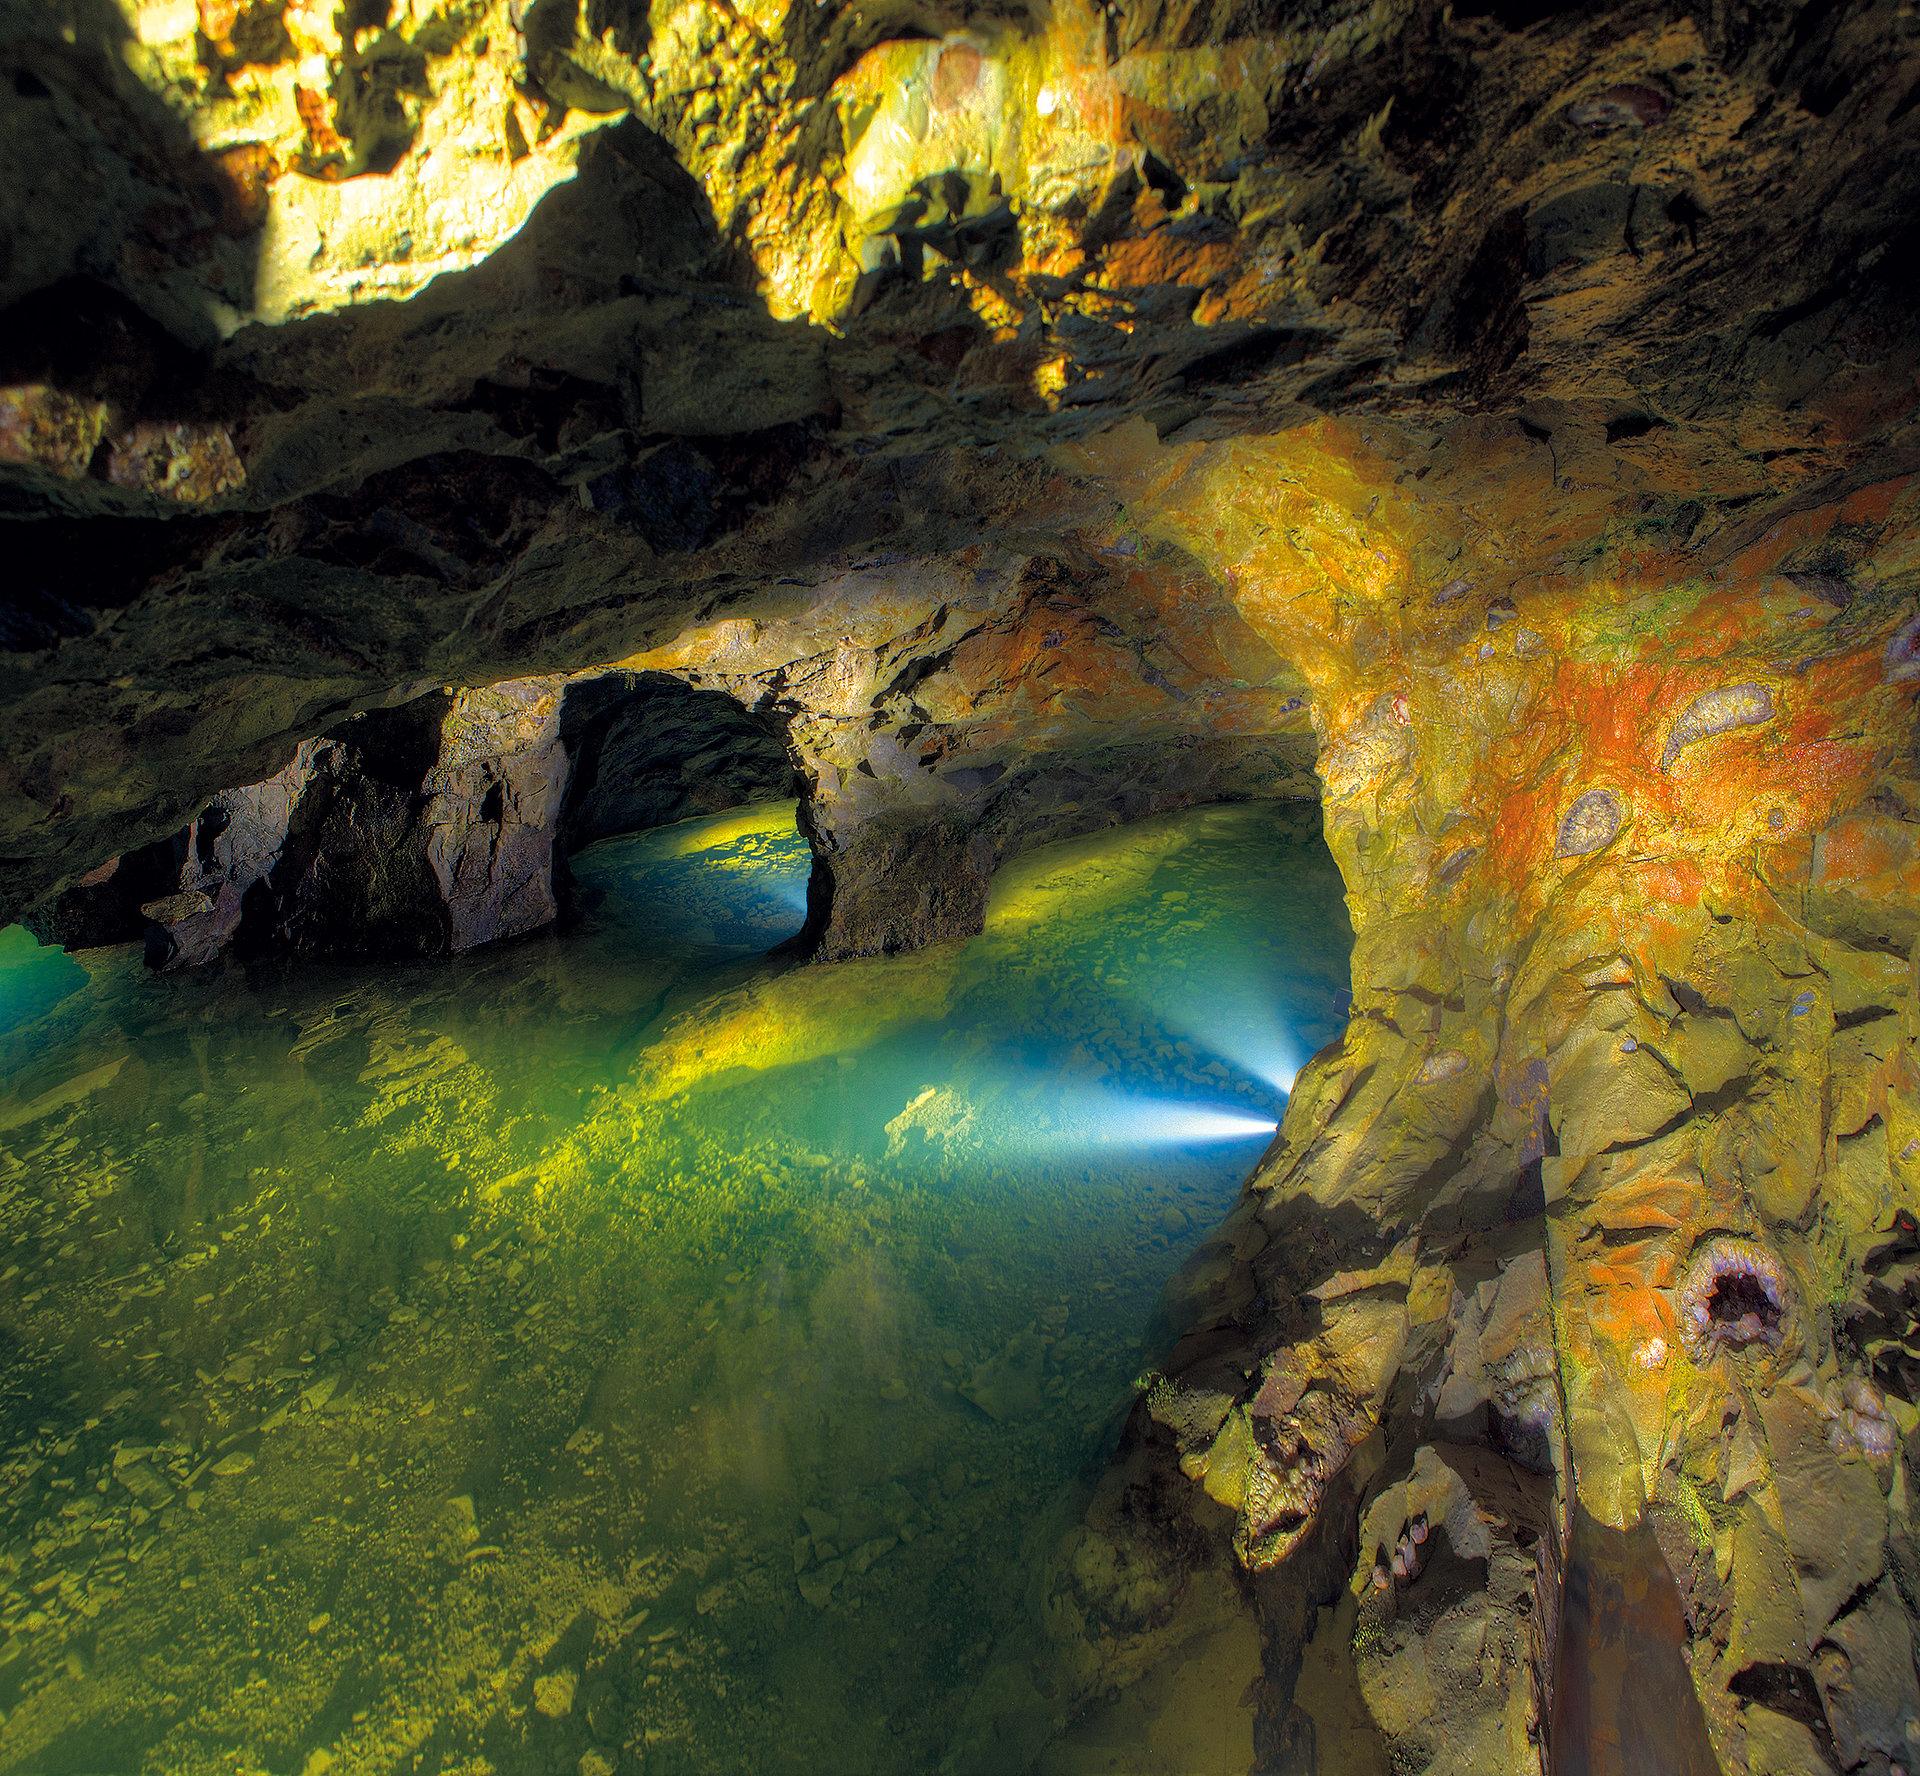 Einblick in eine Edelsteinmine bei Idar-Oberstein, EdelSteinLand